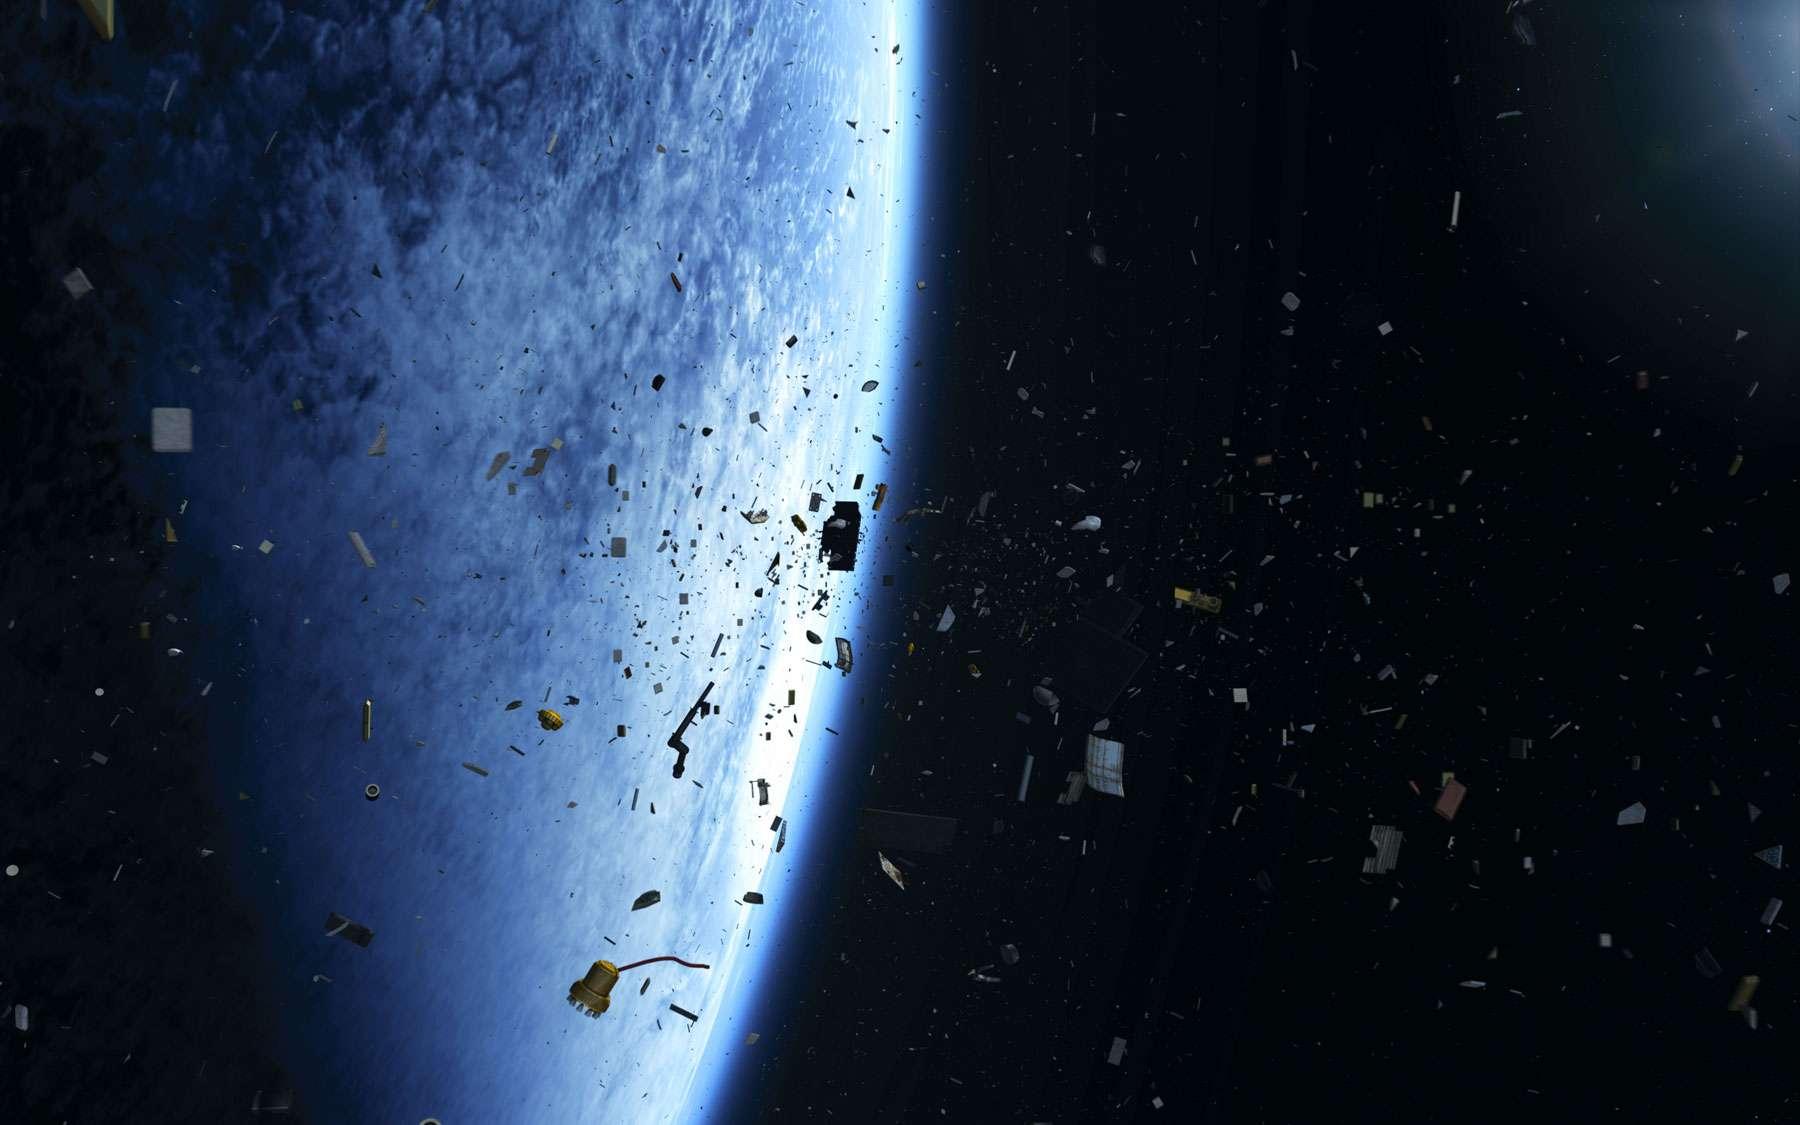 Comment explorer l'espace et bénéficier de ses ressources de manière durable ? © Esa